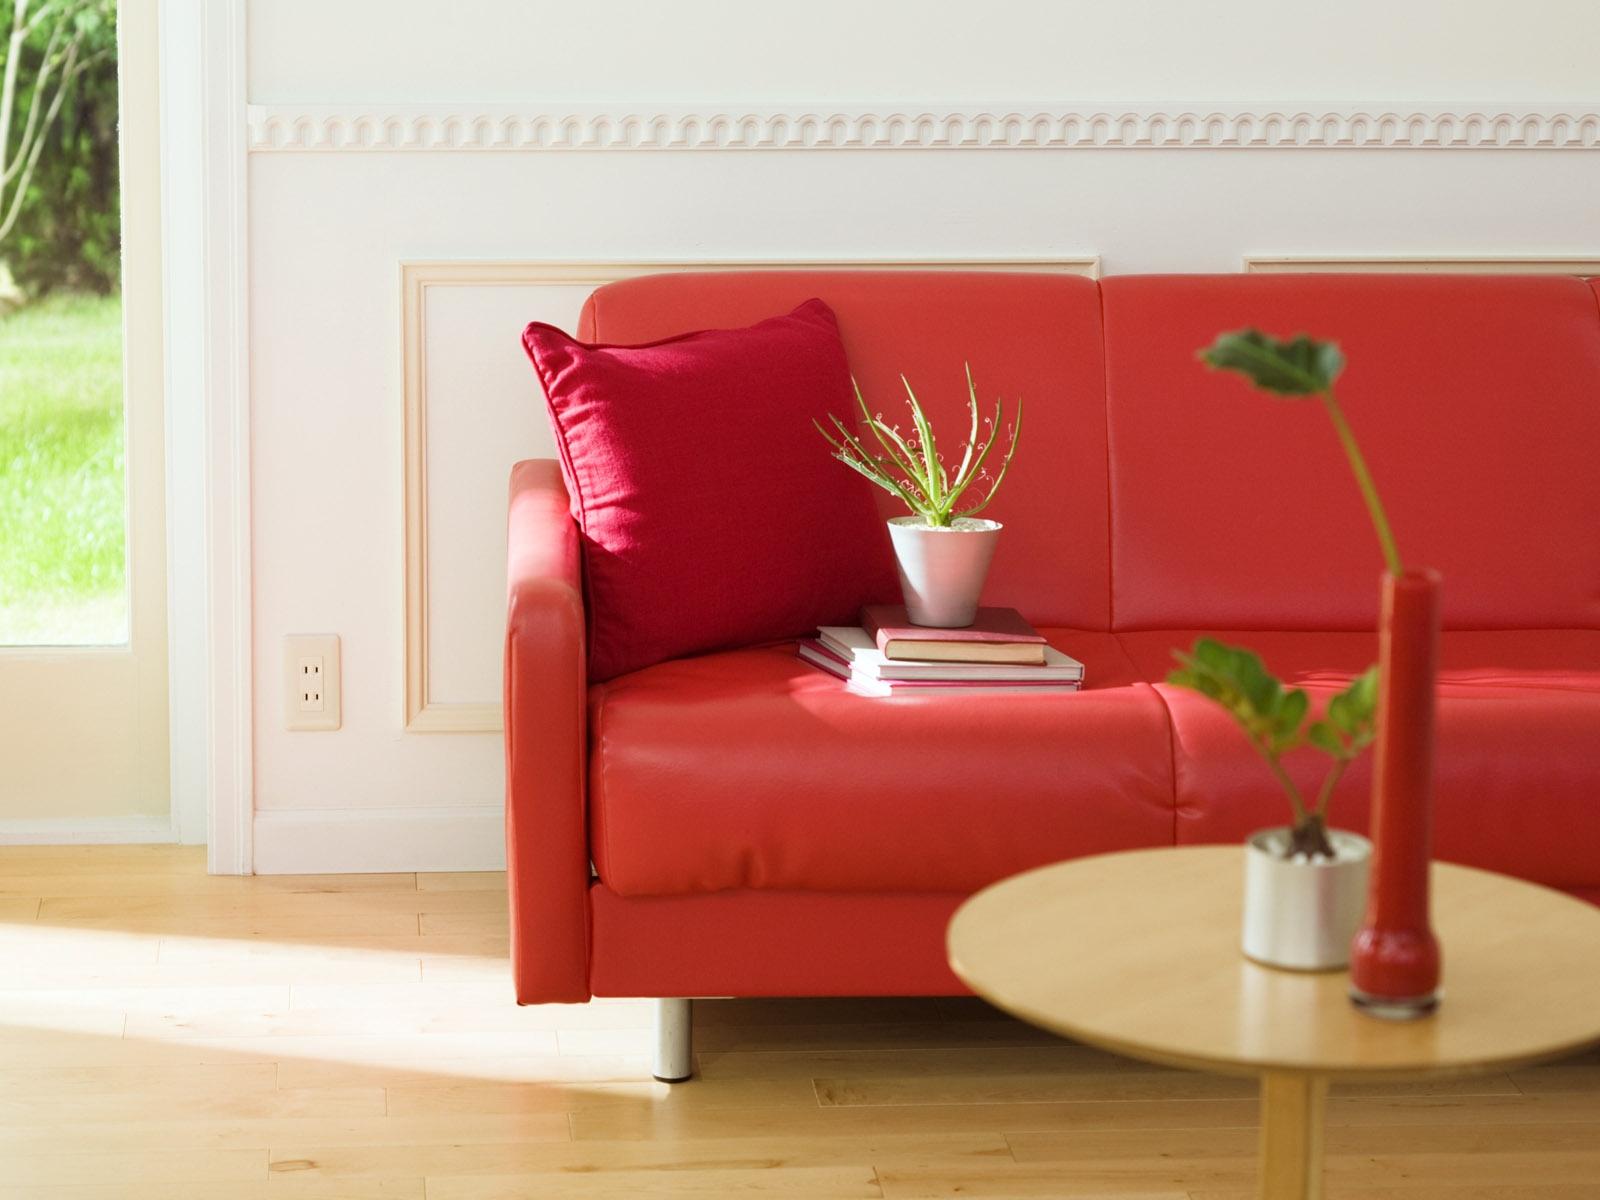 Papel De Parede Quarto Vermelho Mesa Madeira Sof Rosa  -> Papel De Parede Para Sala Com Sofa Vermelho